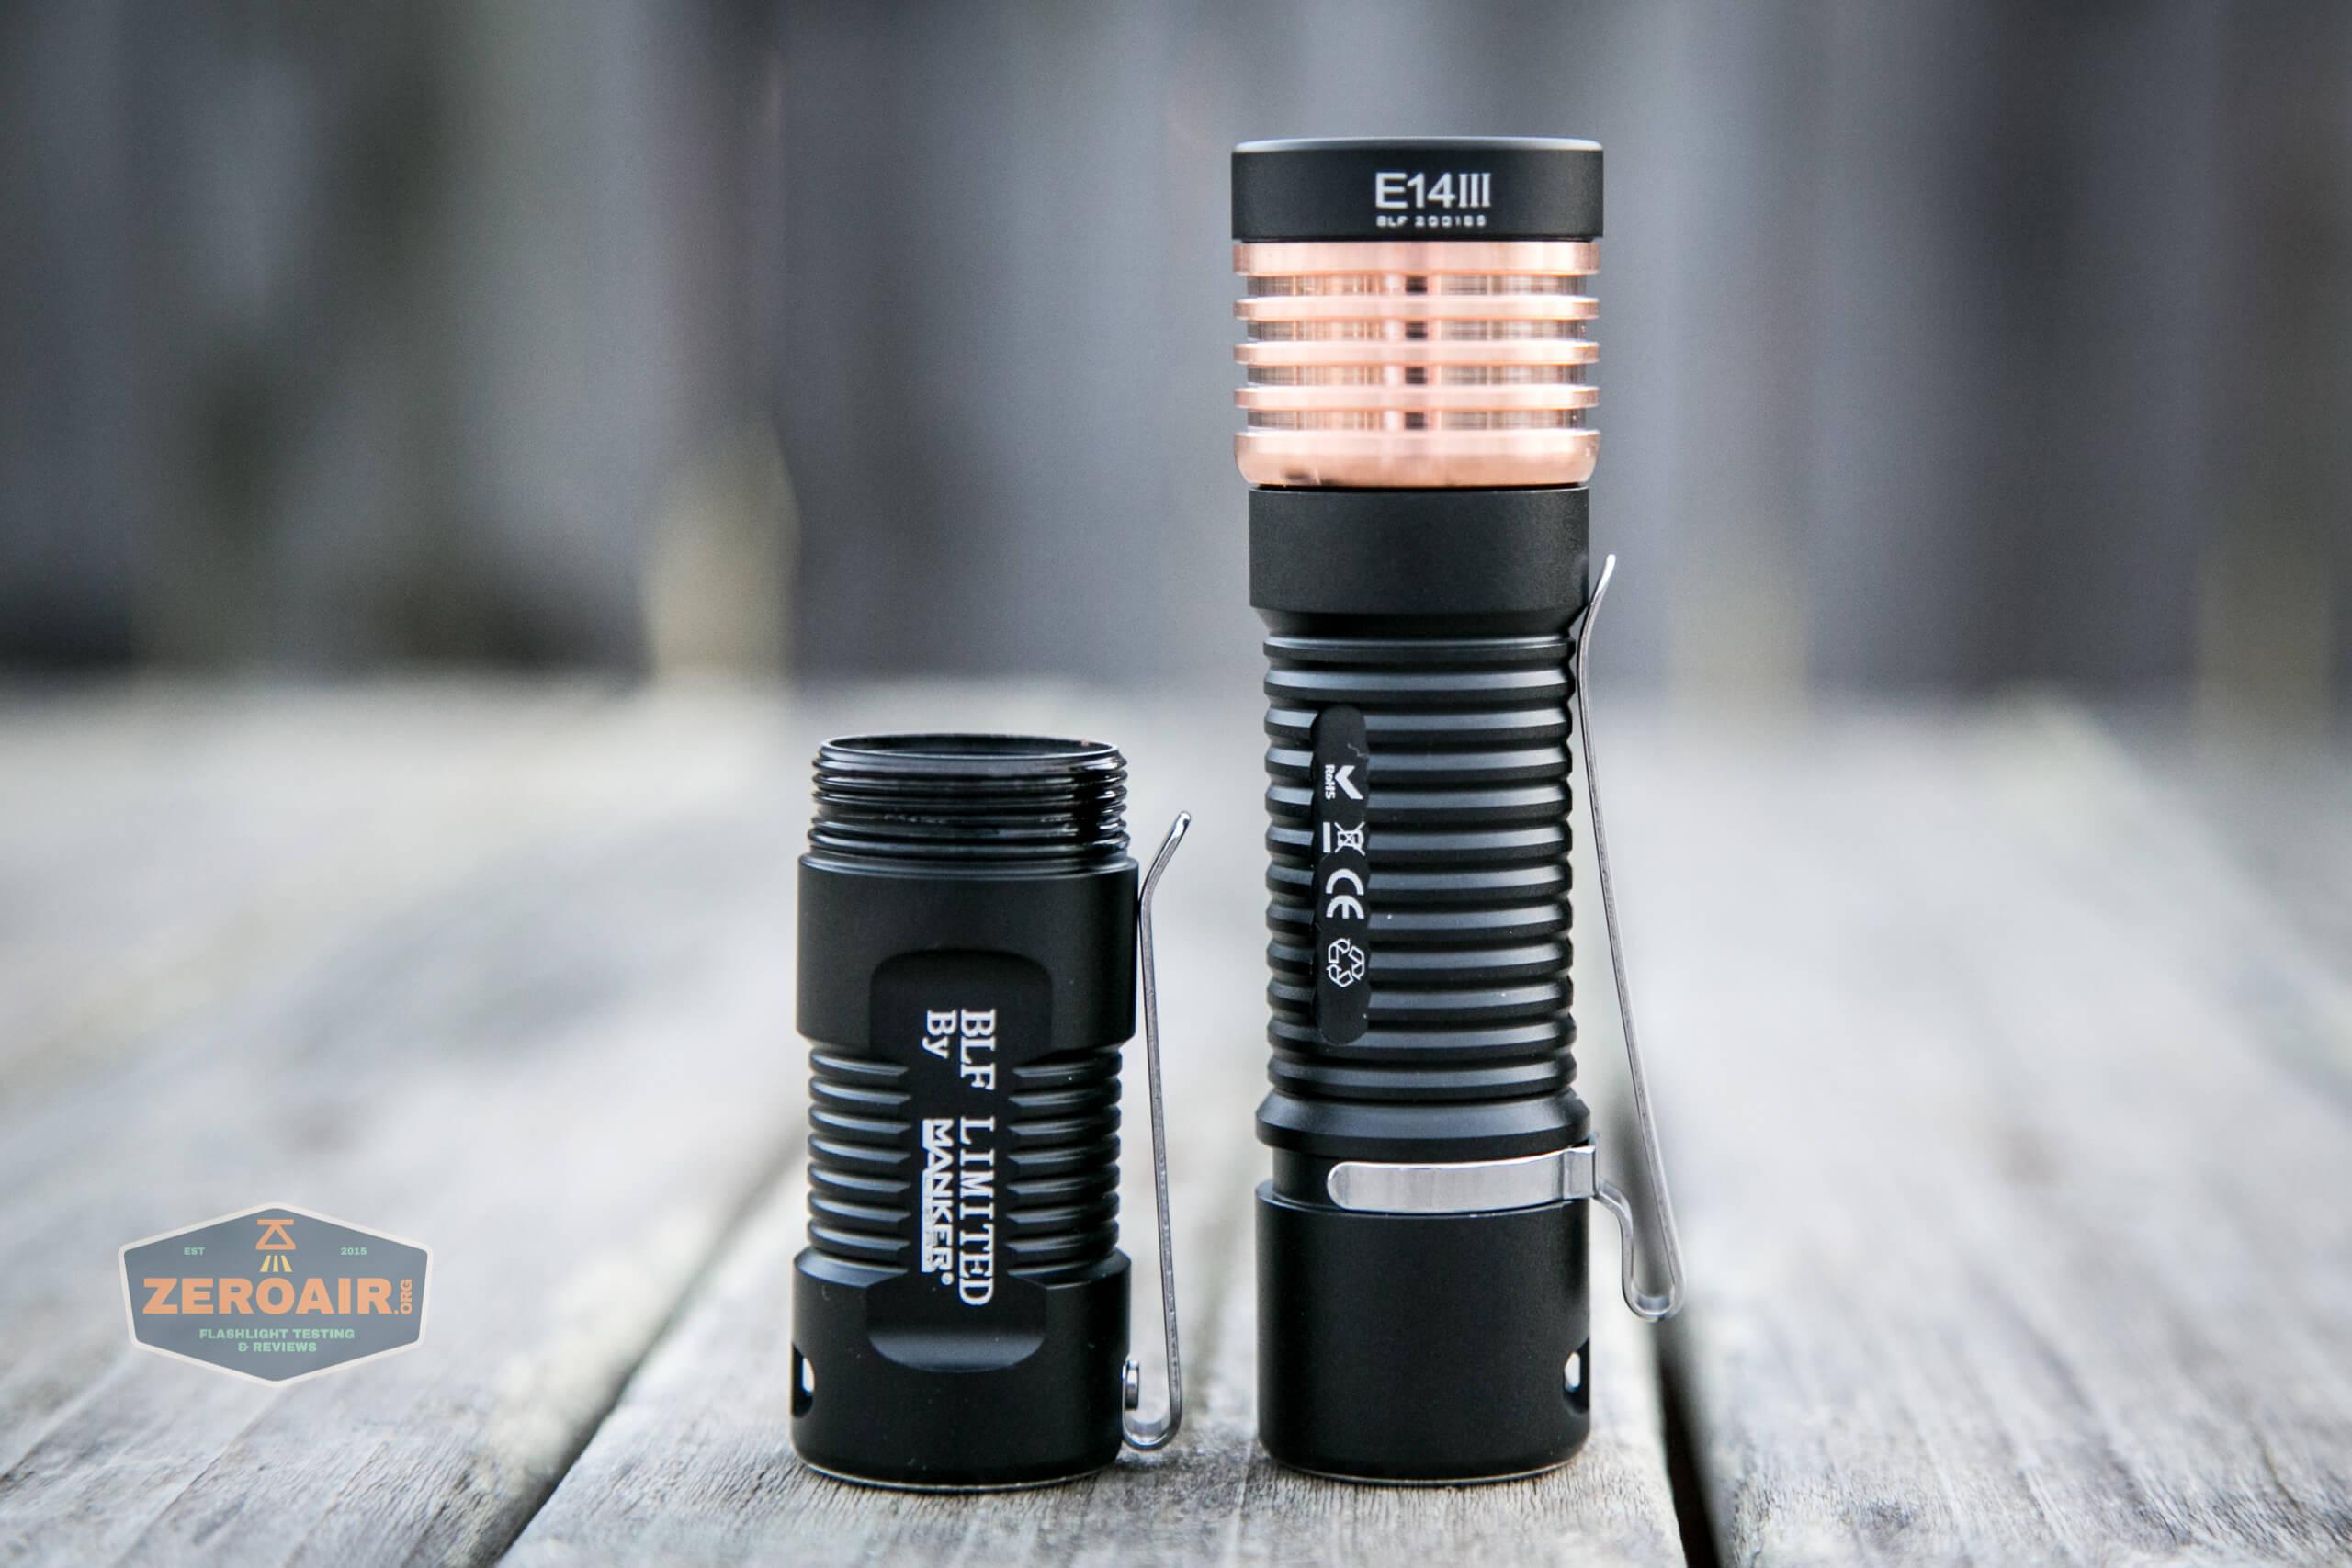 manker e14iii 18350 flood flashlight 18650 setup with 18350 body